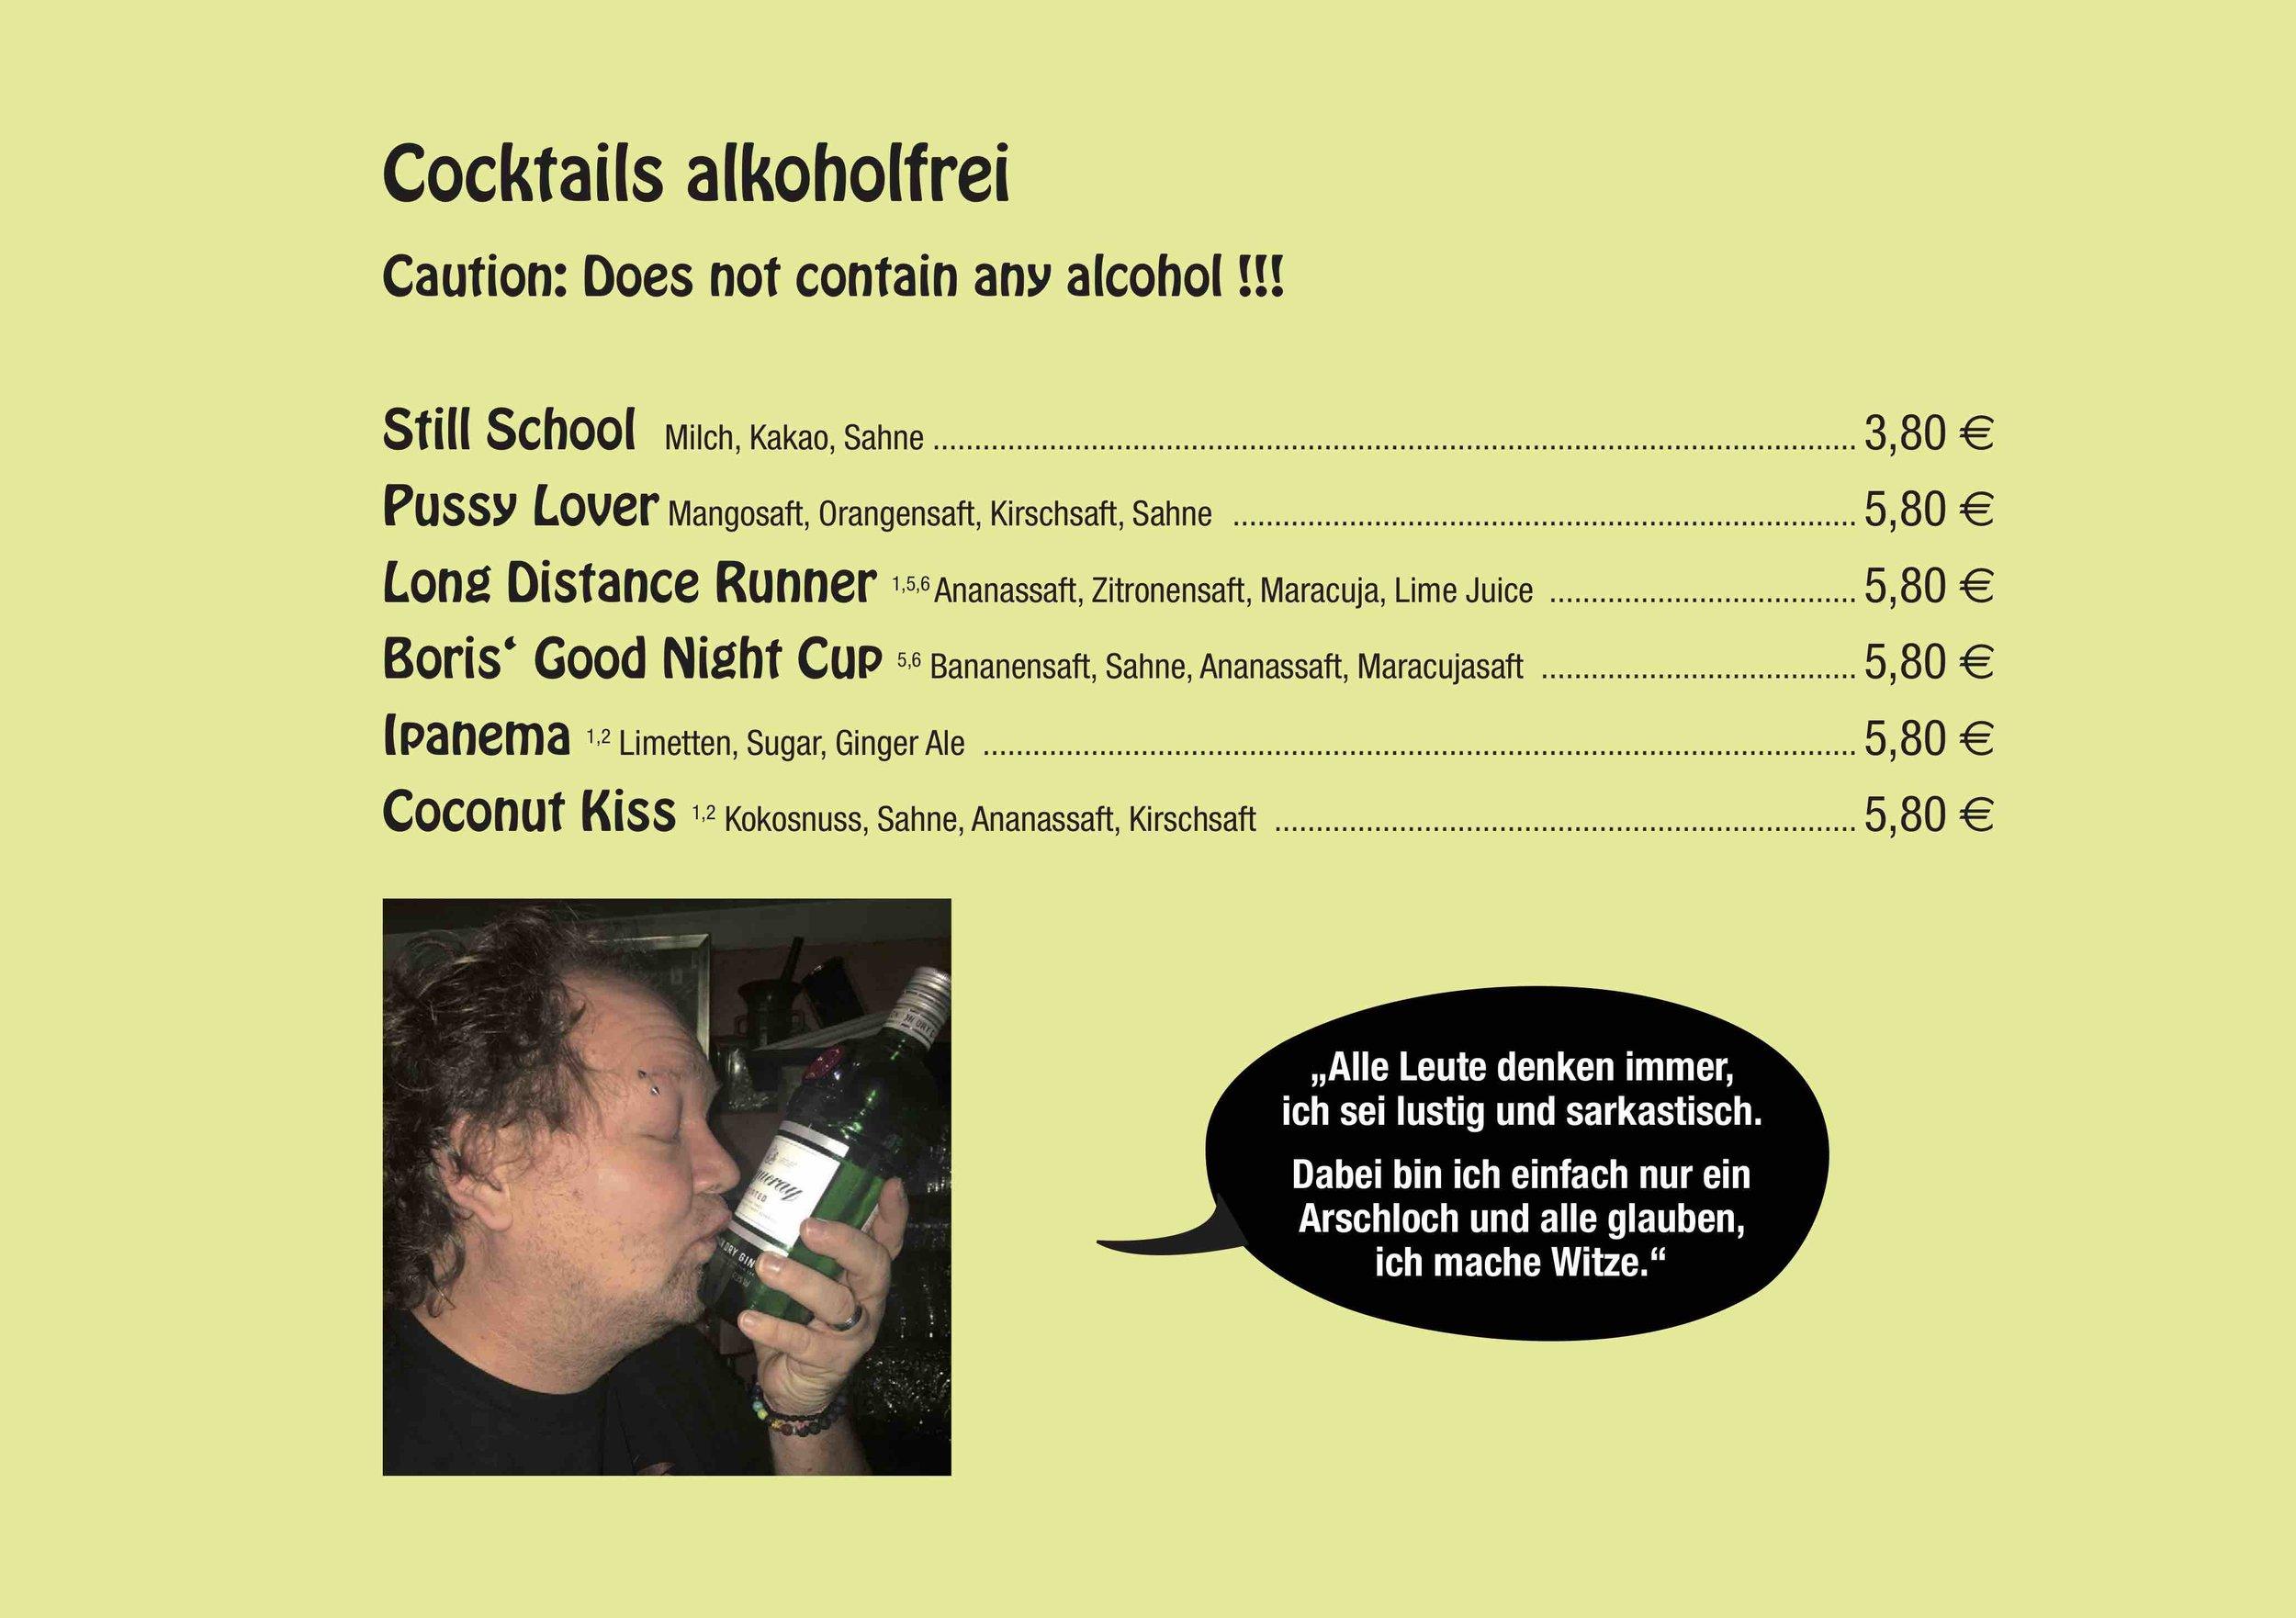 Kesselhaus_Bad_Tölz_Speisekarte_Cocktails_Alkoholfrei.jpg